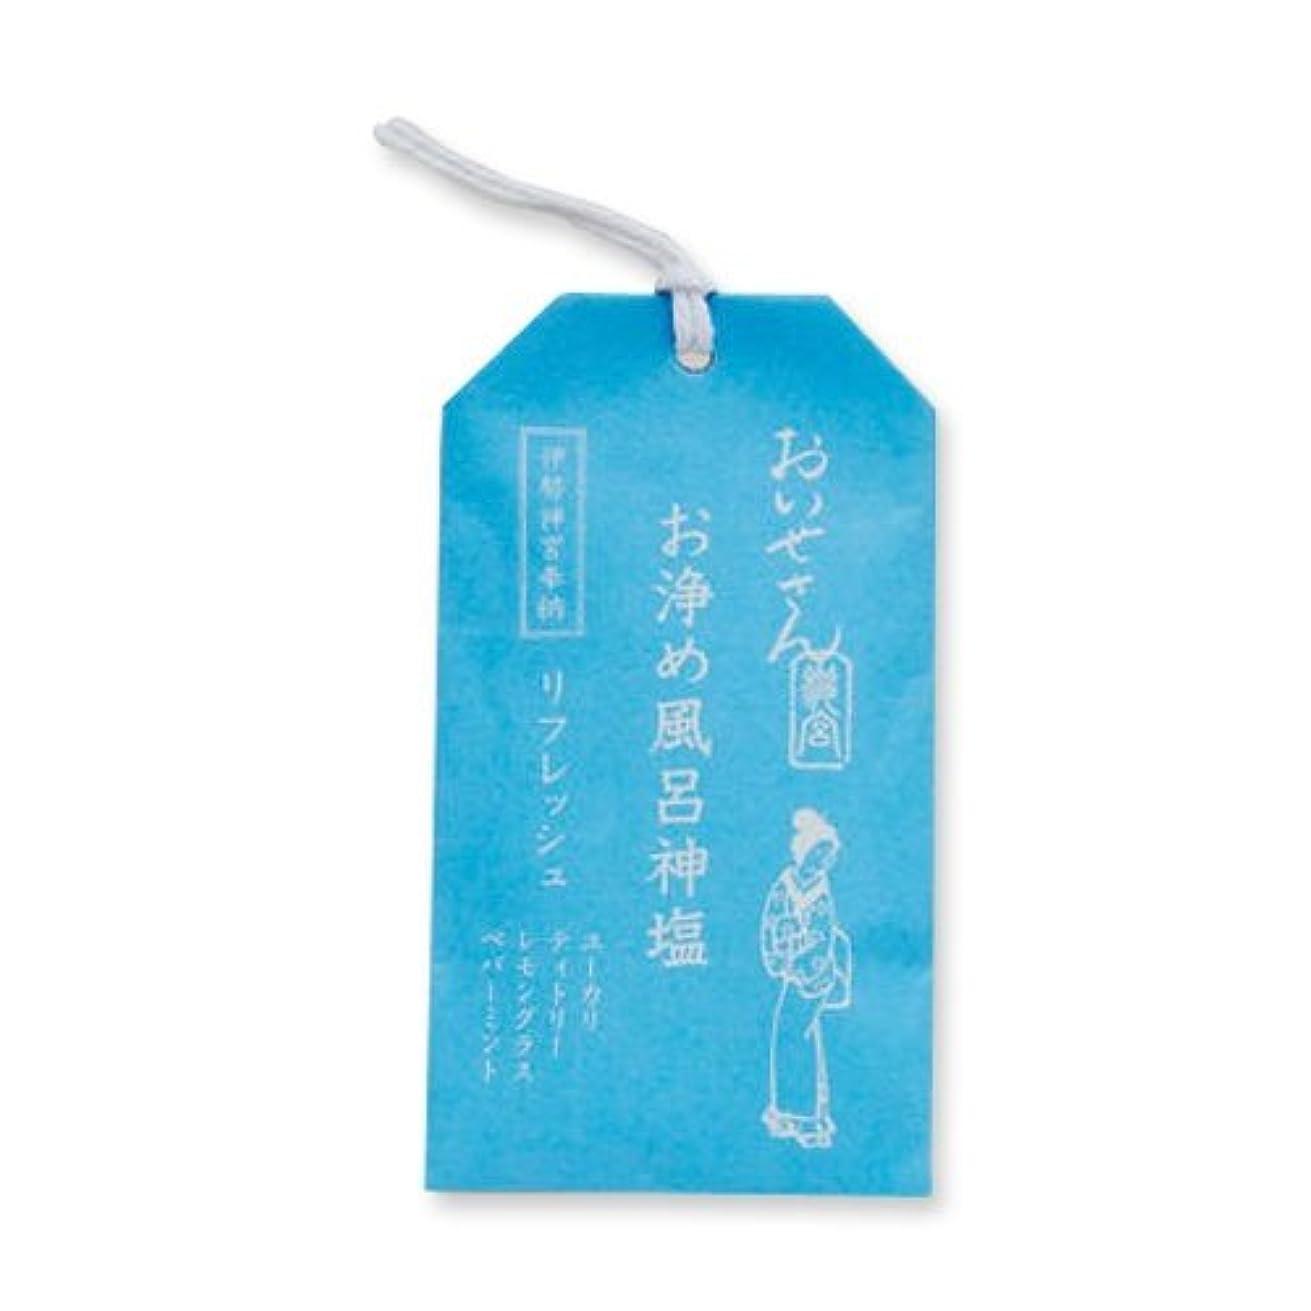 おいせさん お浄め風呂神塩 バス用ソルト(リフレッシュ) 20g